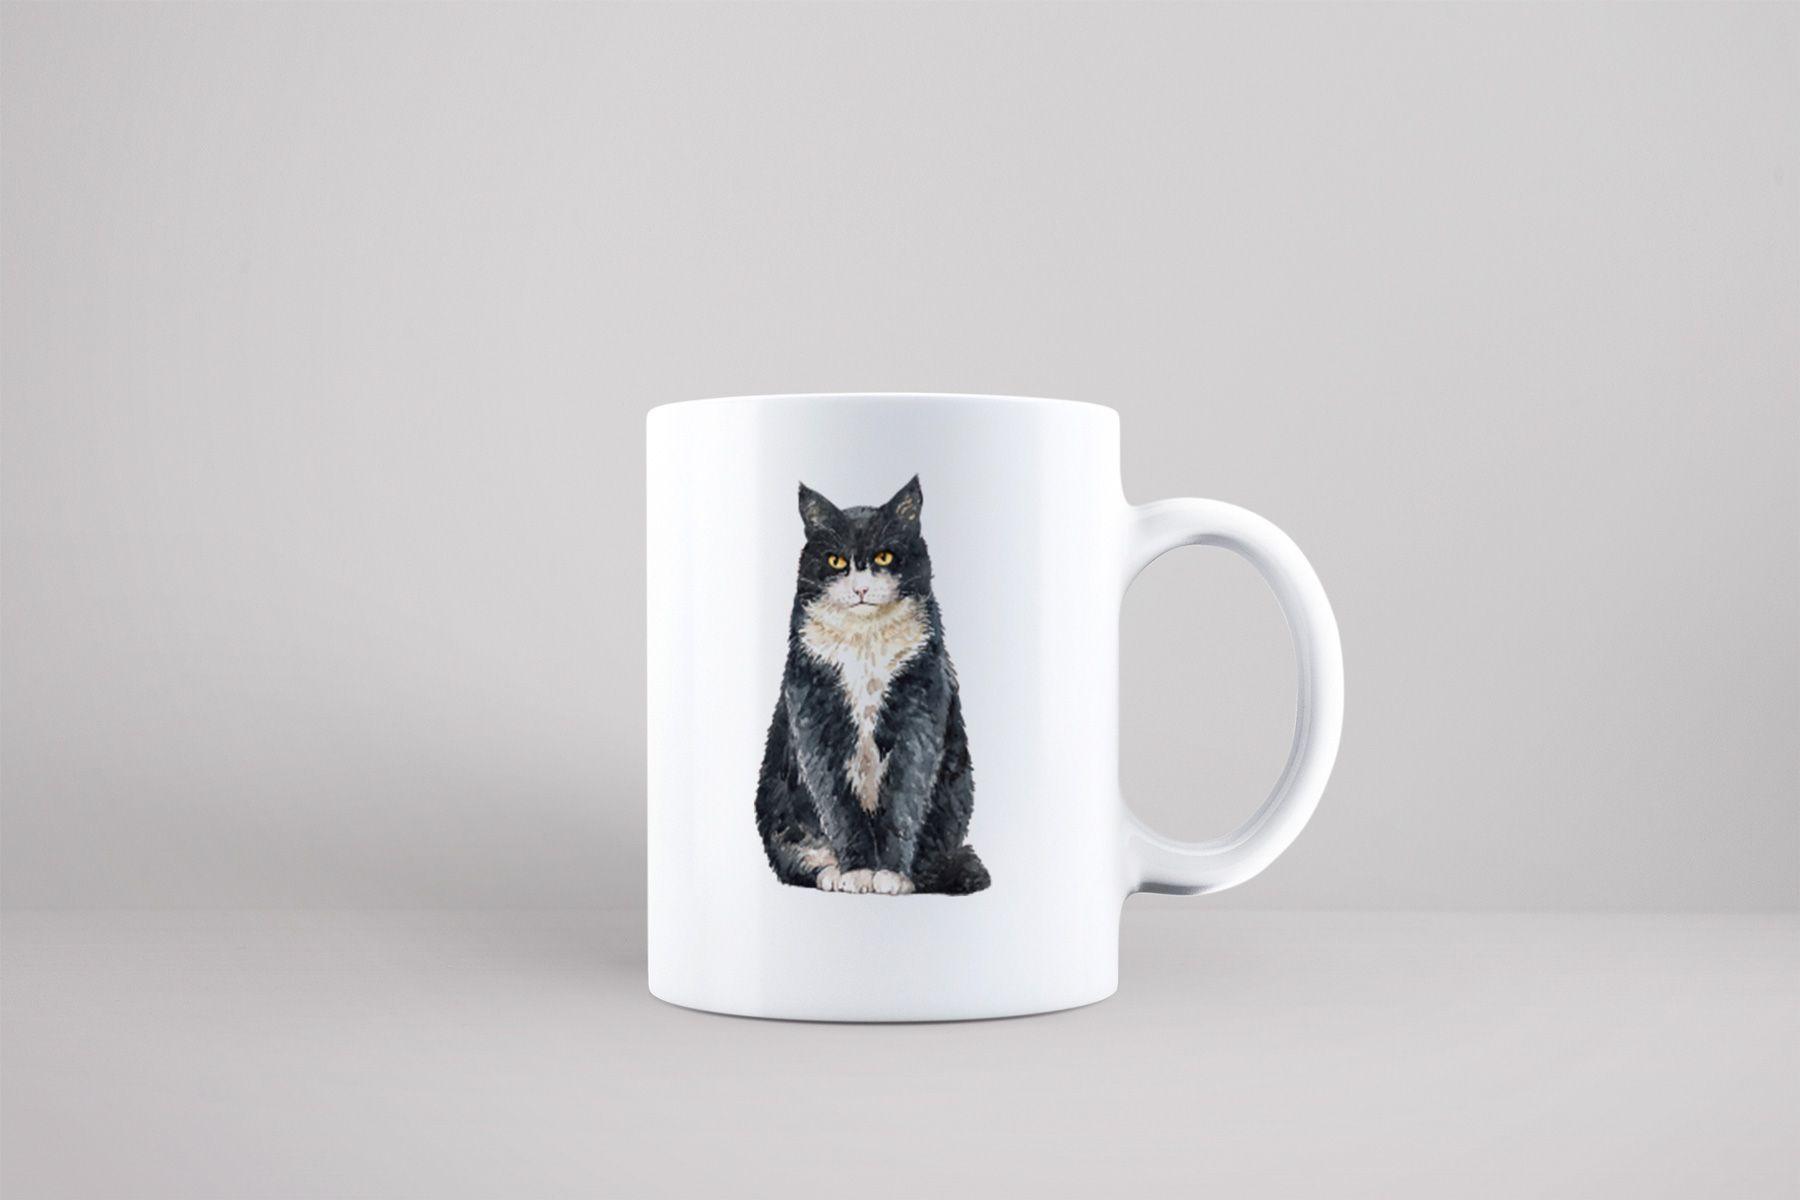 Bílý keramický hrnek s kočkou Kočka domácí v Brně